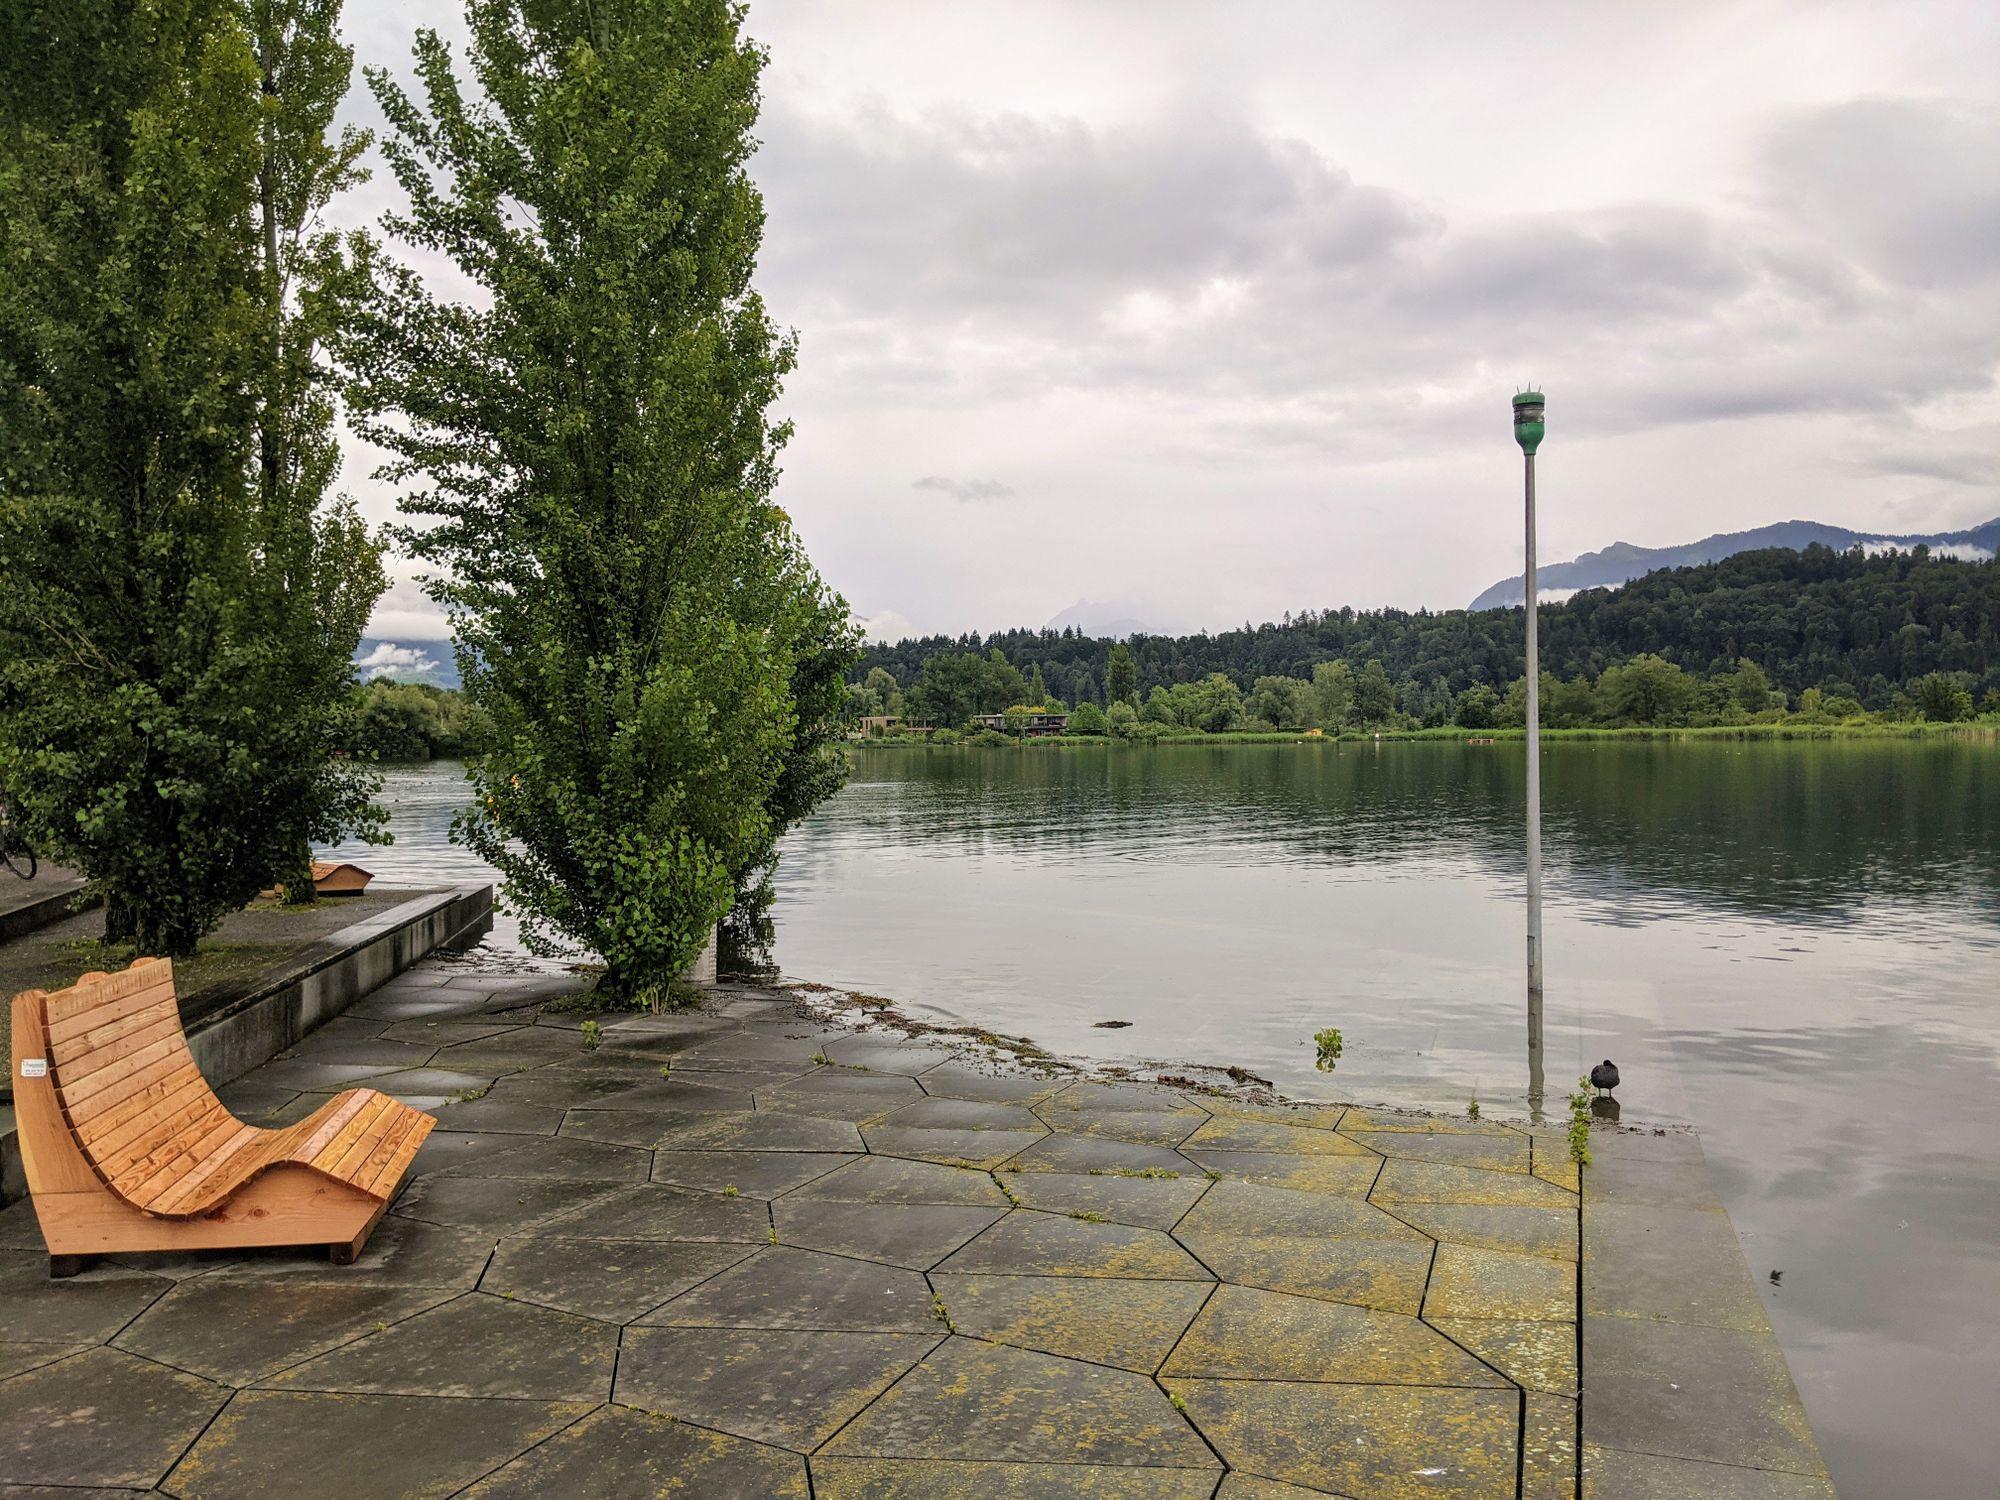 Hochwasser am 13.07.2021 in der Schmerkner Seeanlage (Foto: Thomas Müller, 8716.ch)